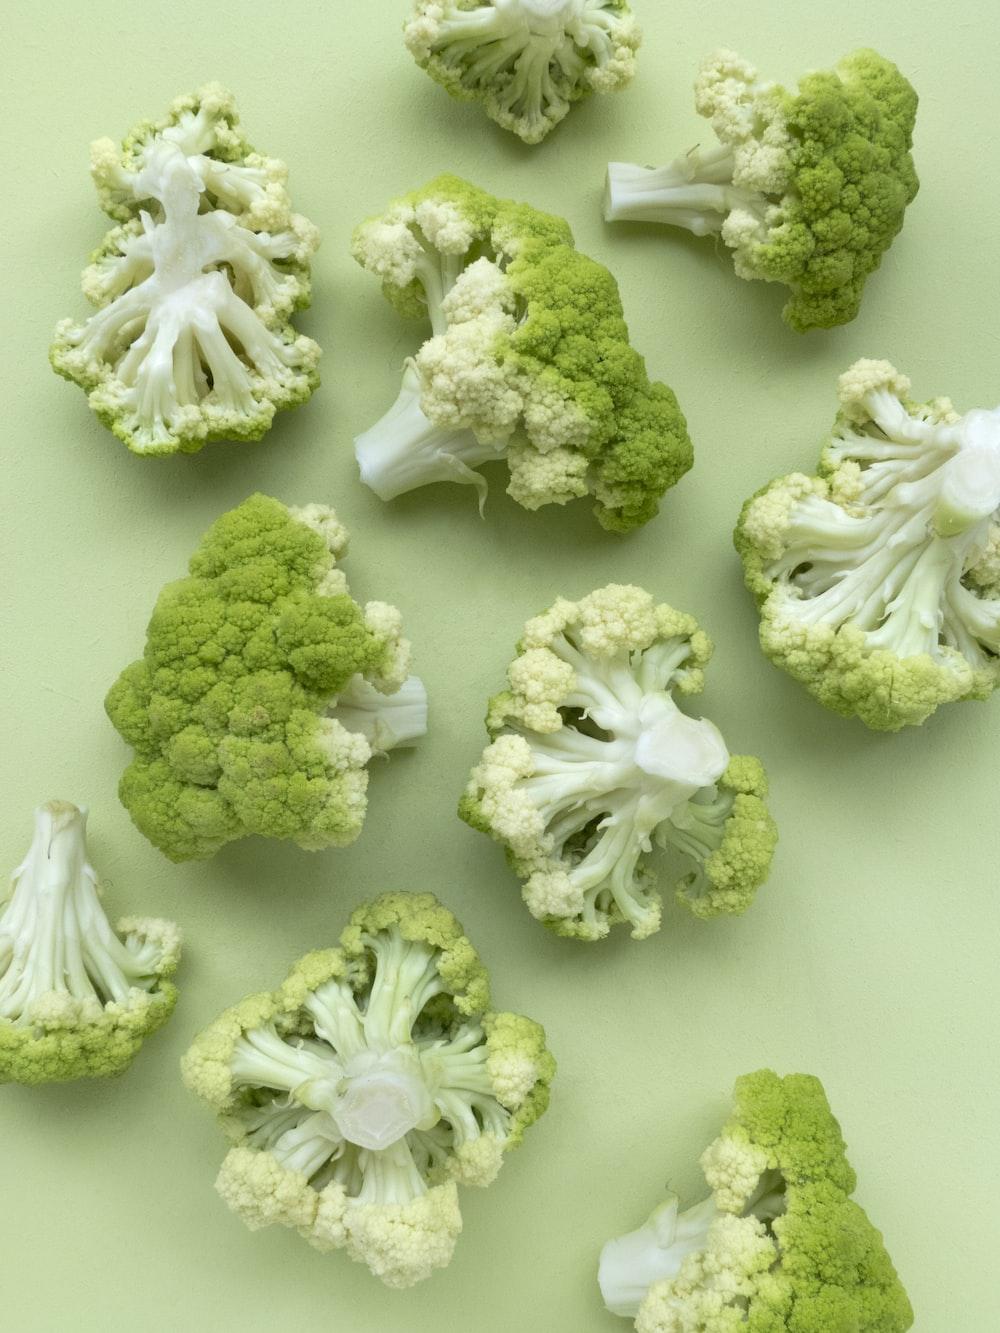 high angle photo of broccoli